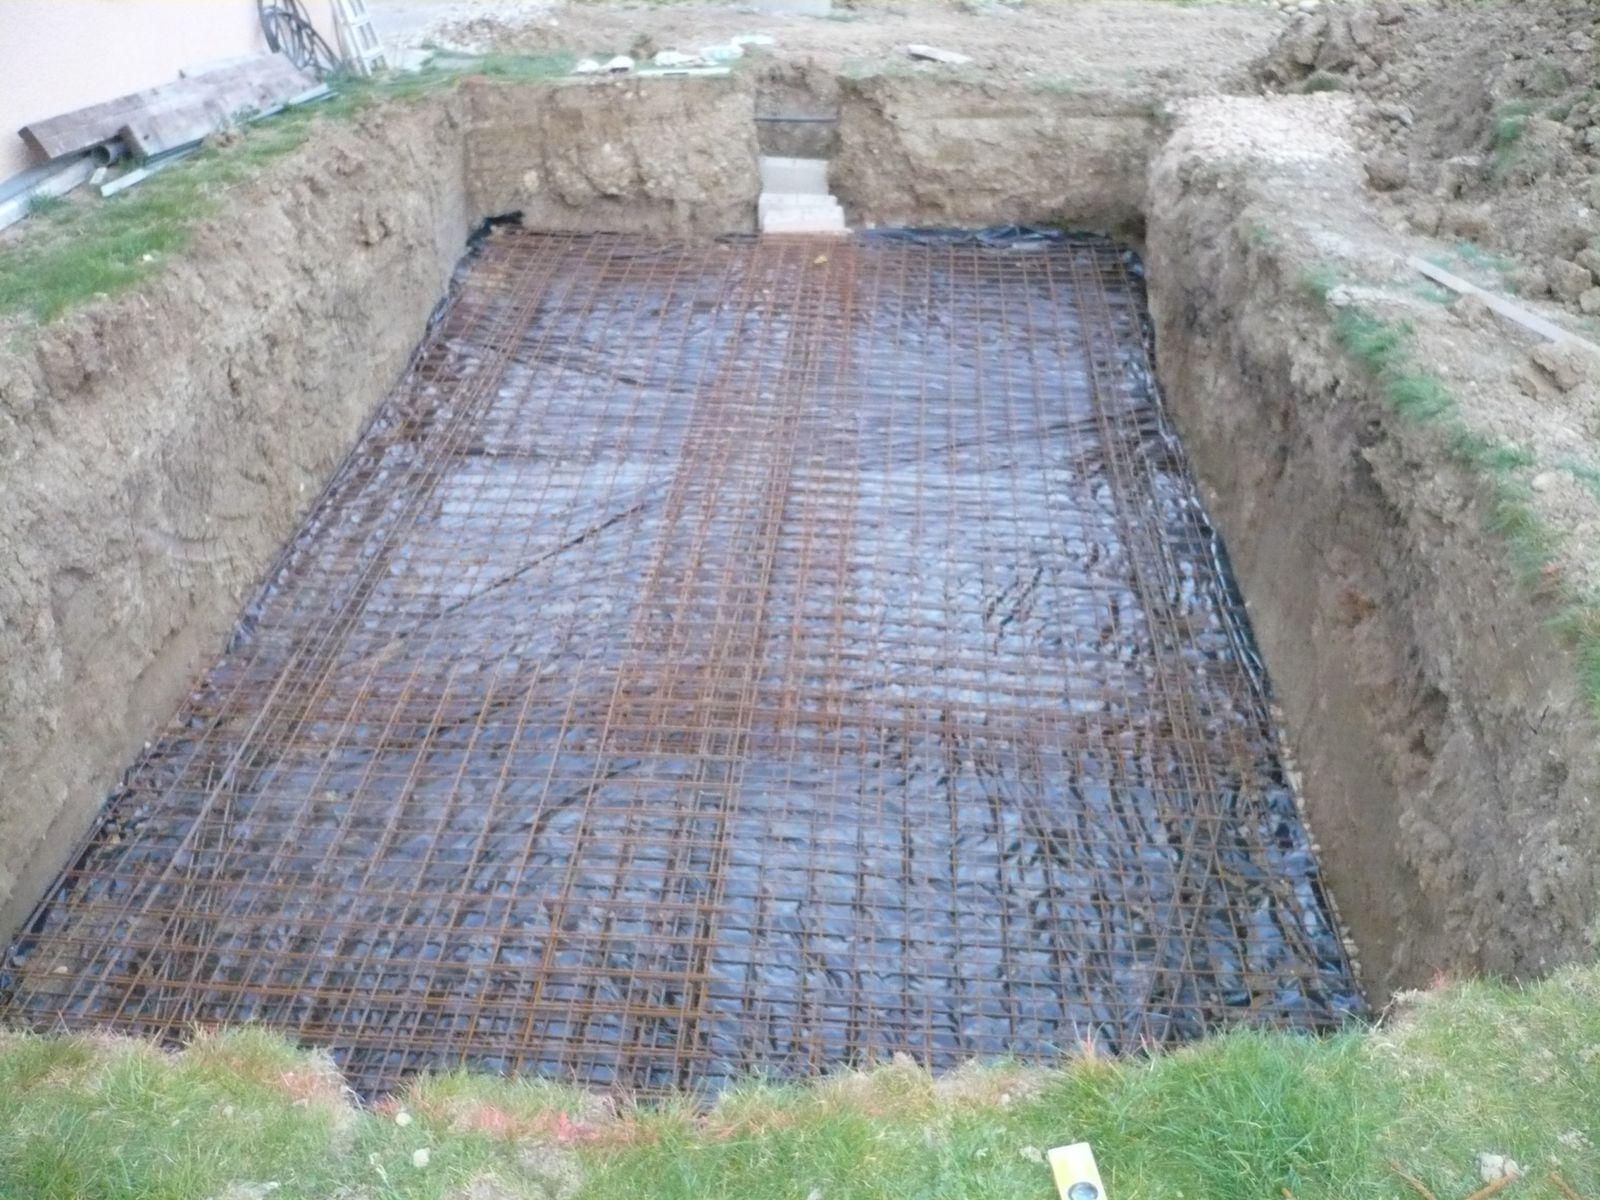 Pose du treillis soud construction piscine for Construction piscine originale